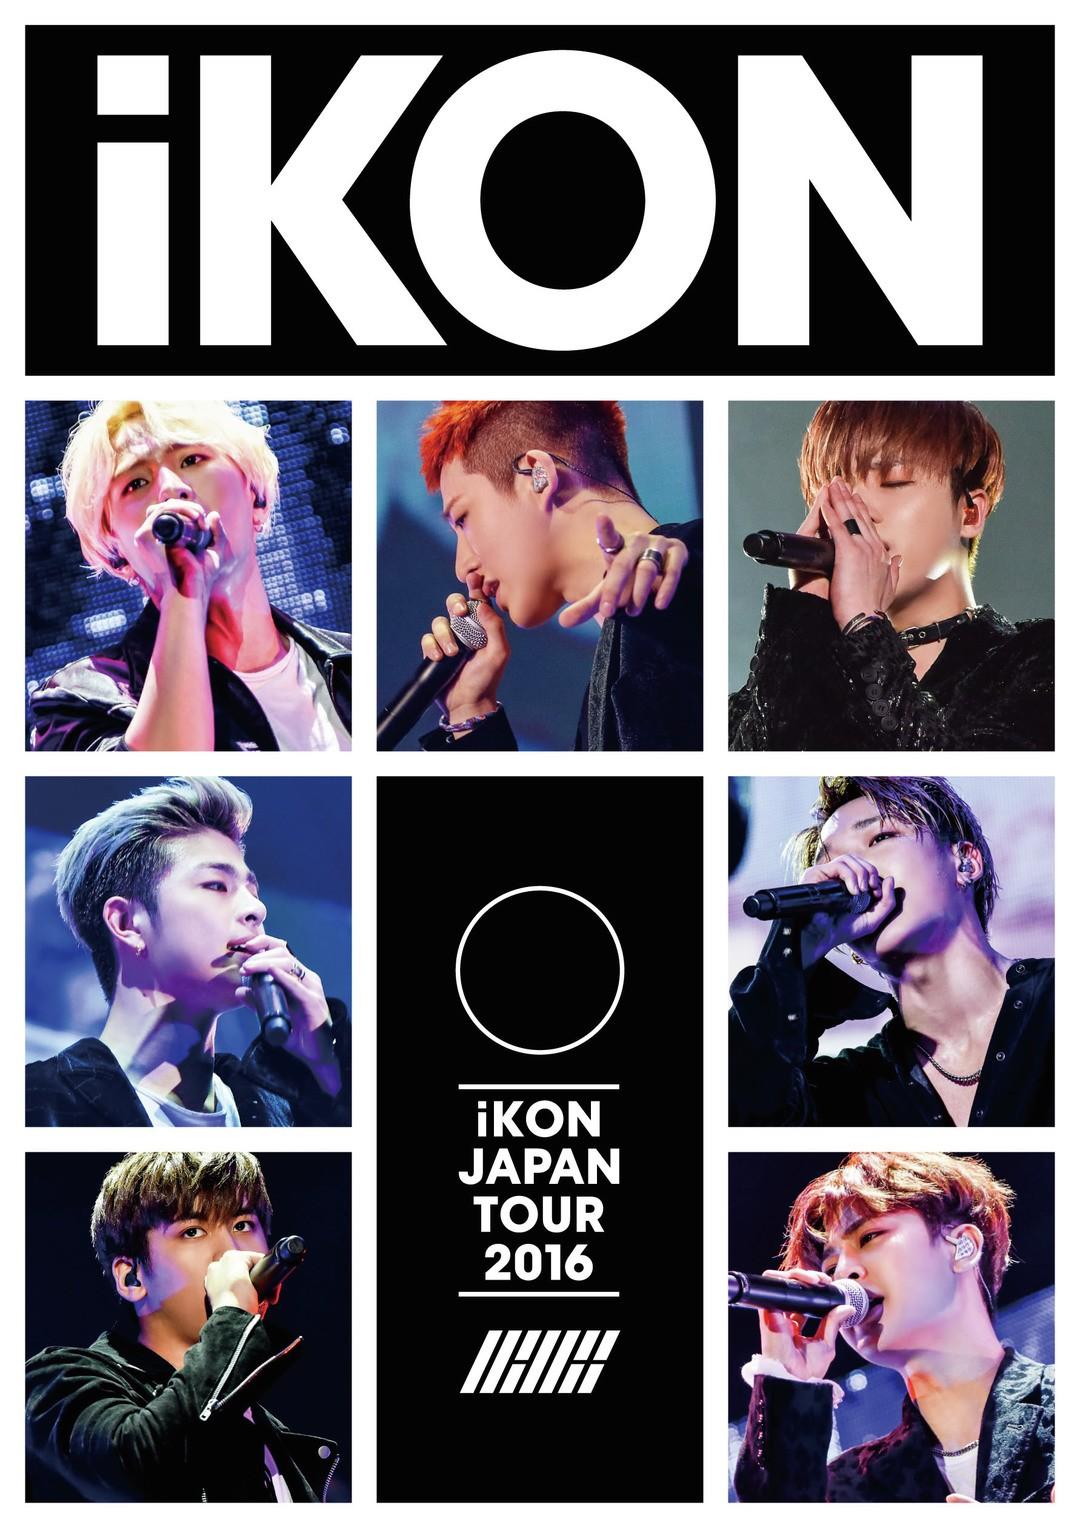 絶好調iKONのジャパンアリーナツアーが早くも映像化!